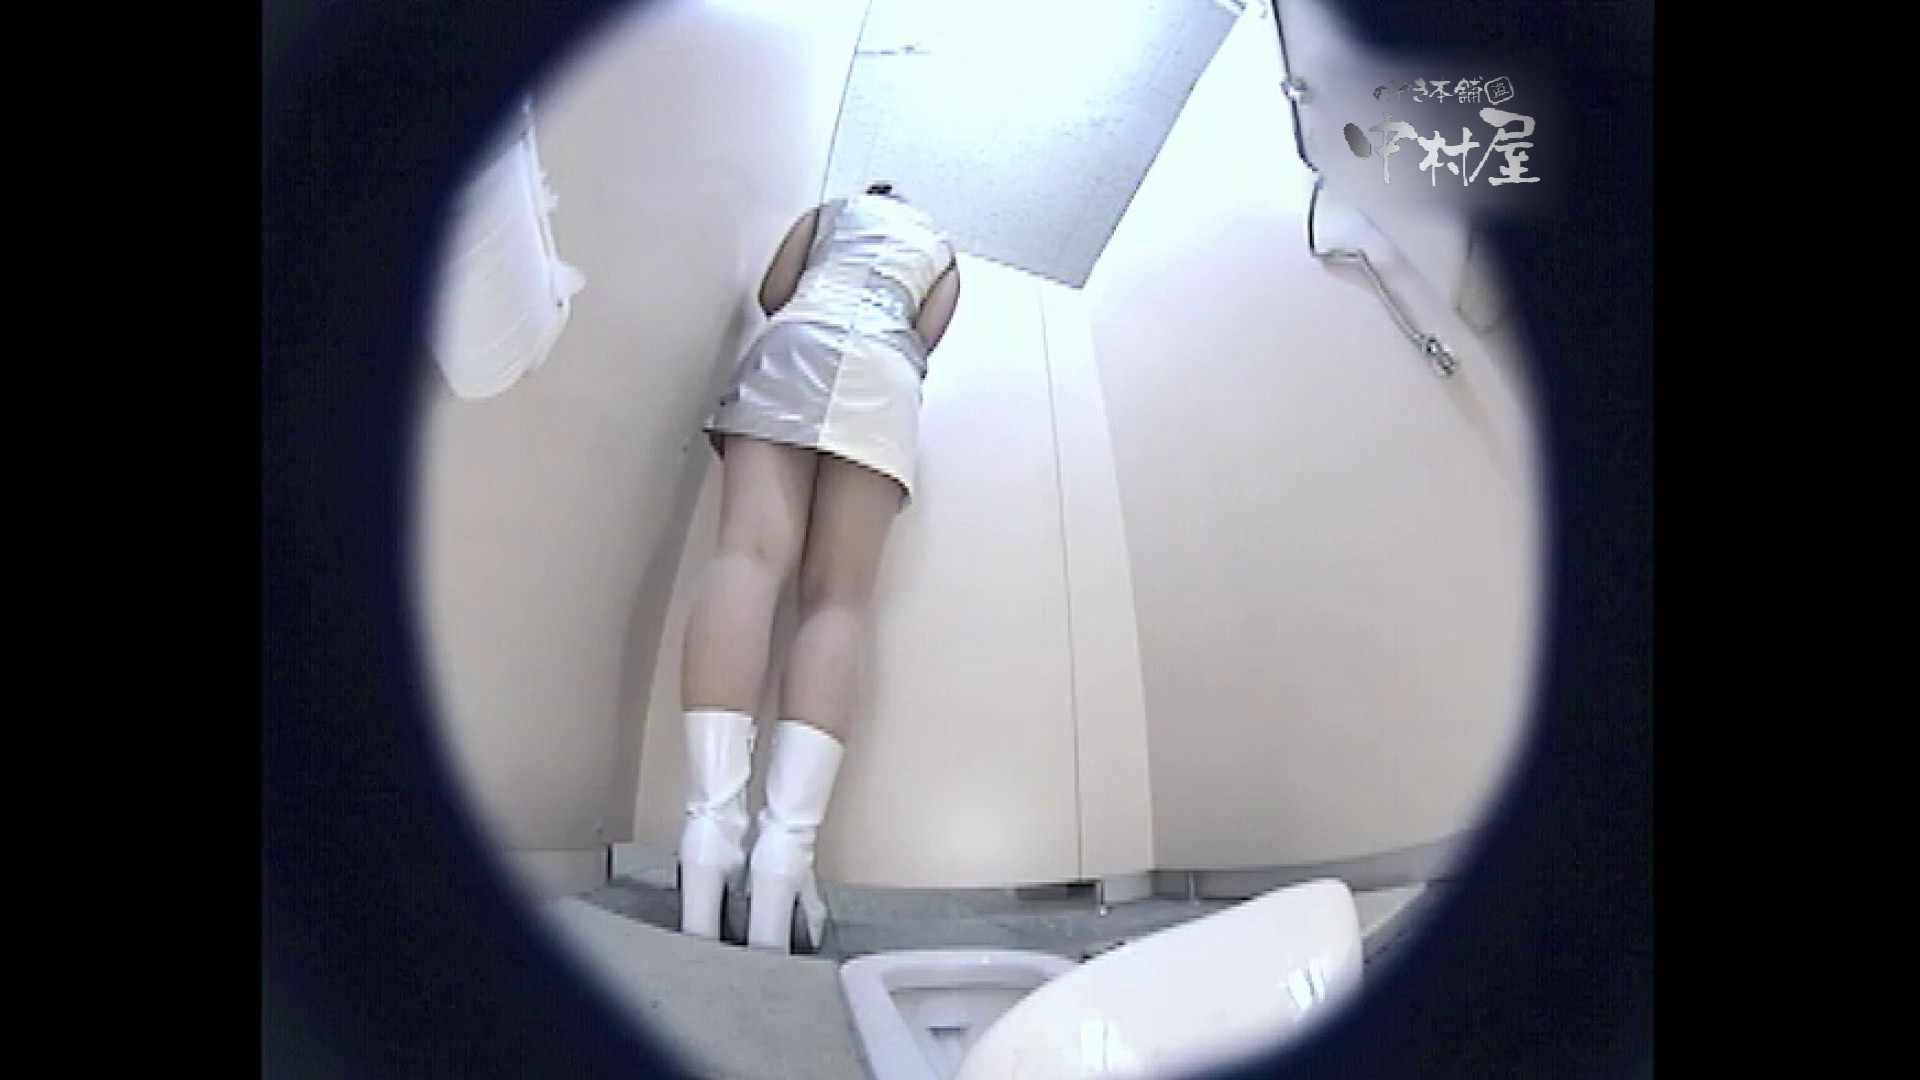 レースクィーントイレ盗撮!Vol.24 エロギャル | 丸見え  70画像 48